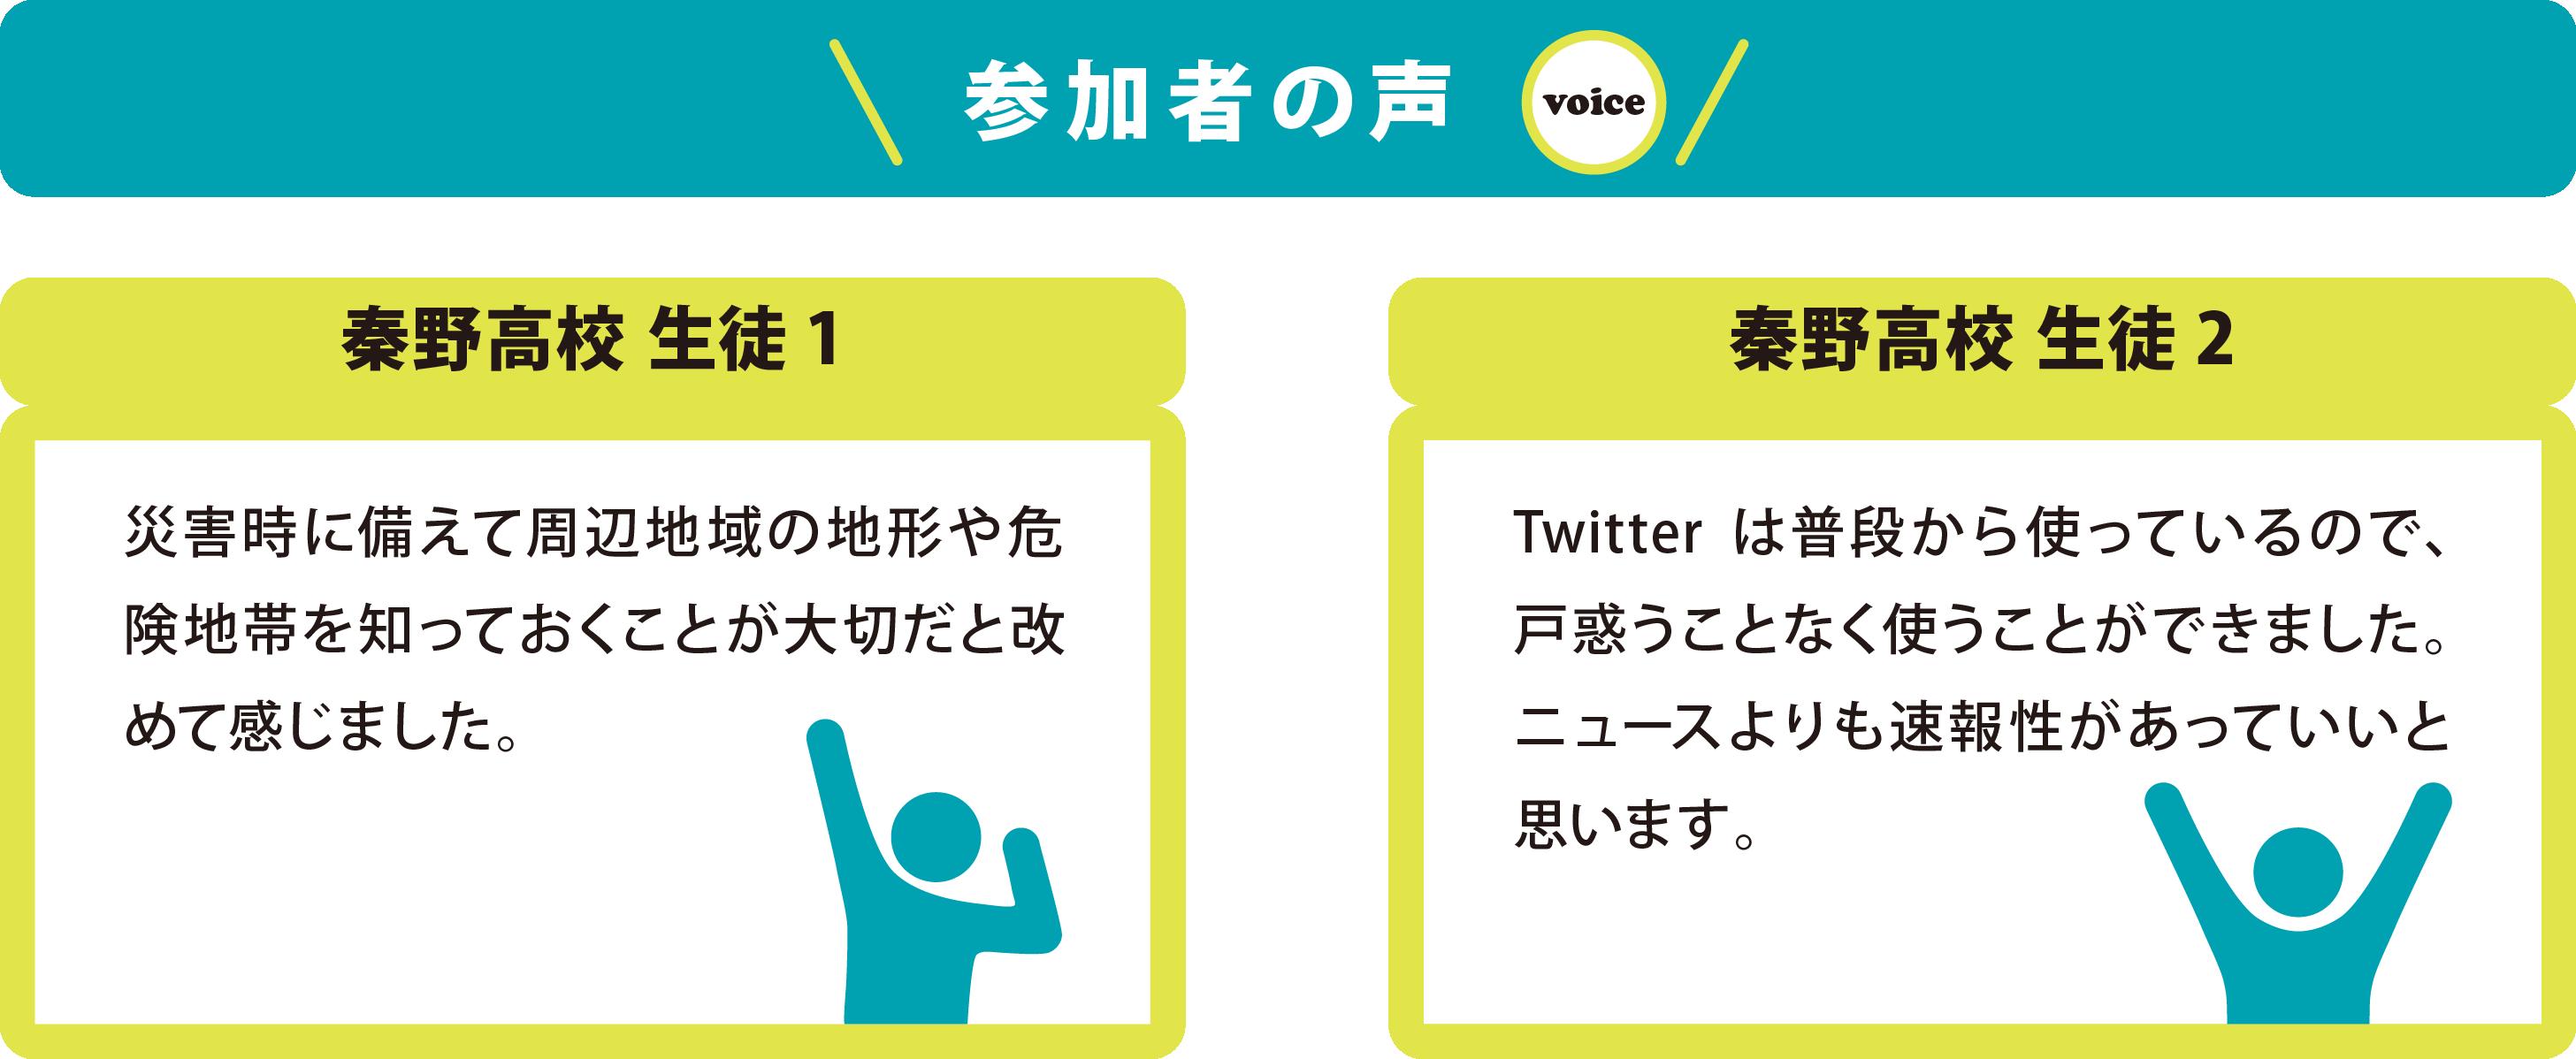 参加者の声